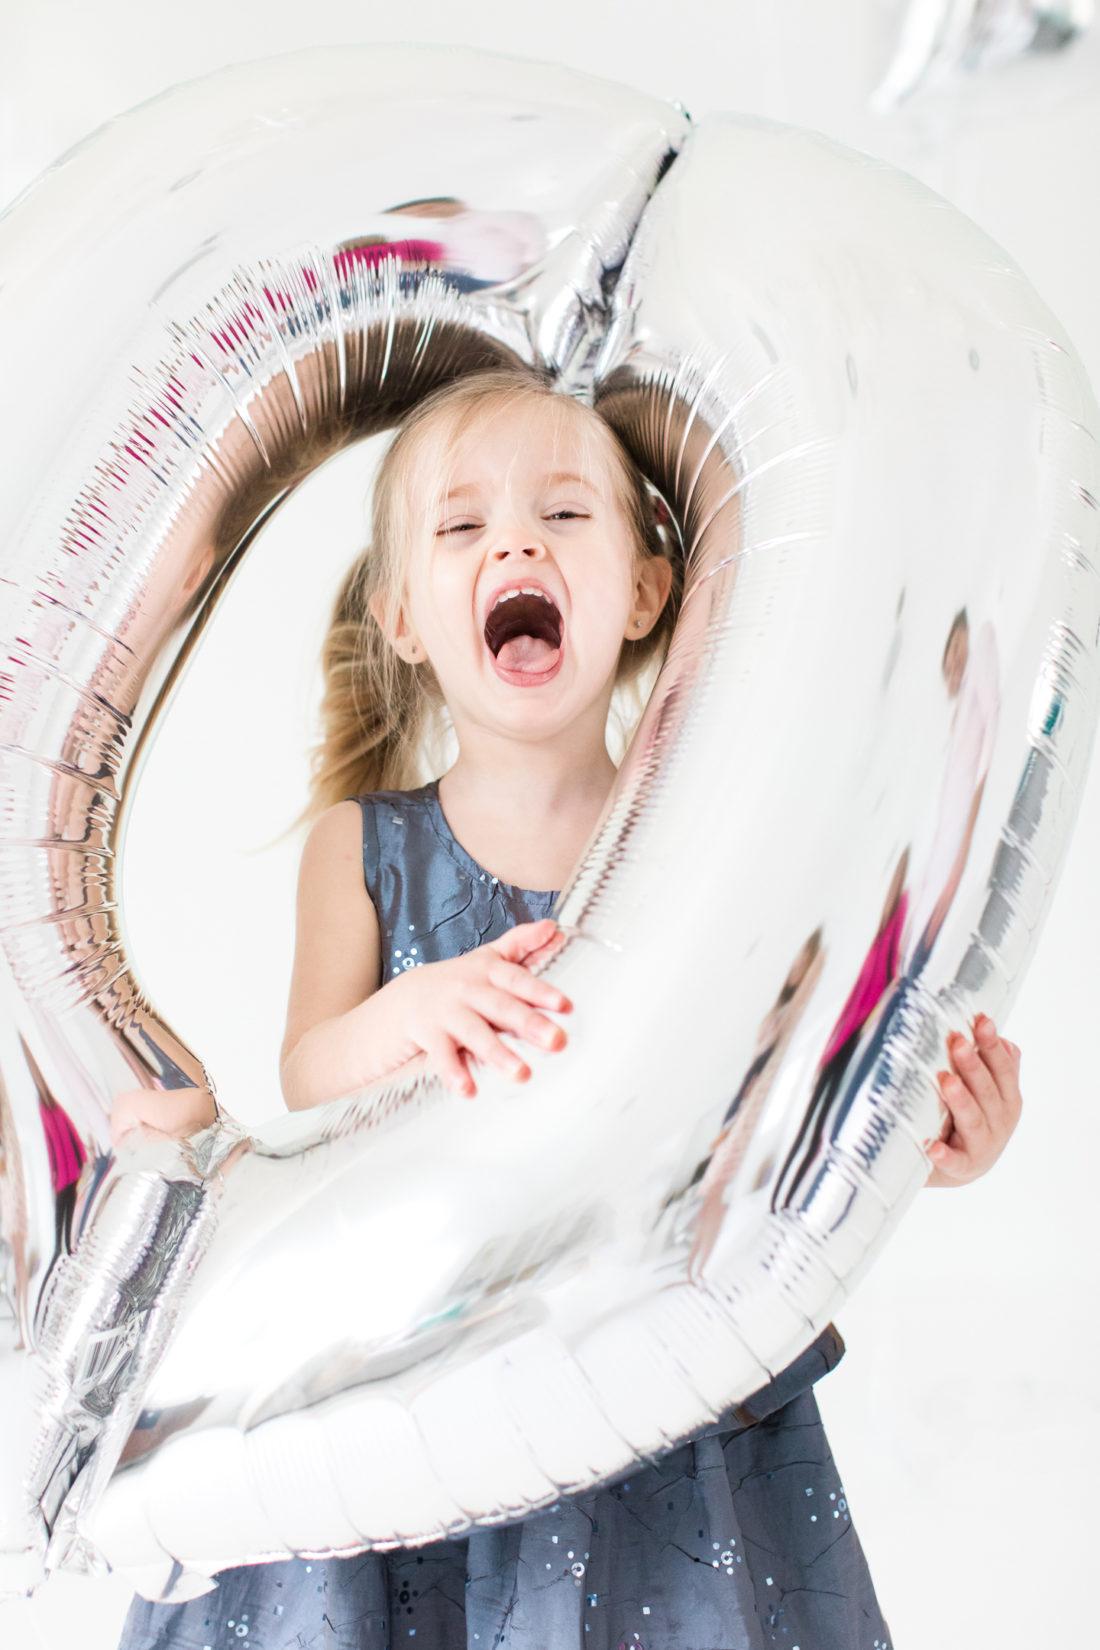 Marlowe Martino sticks her head through a silver balloon